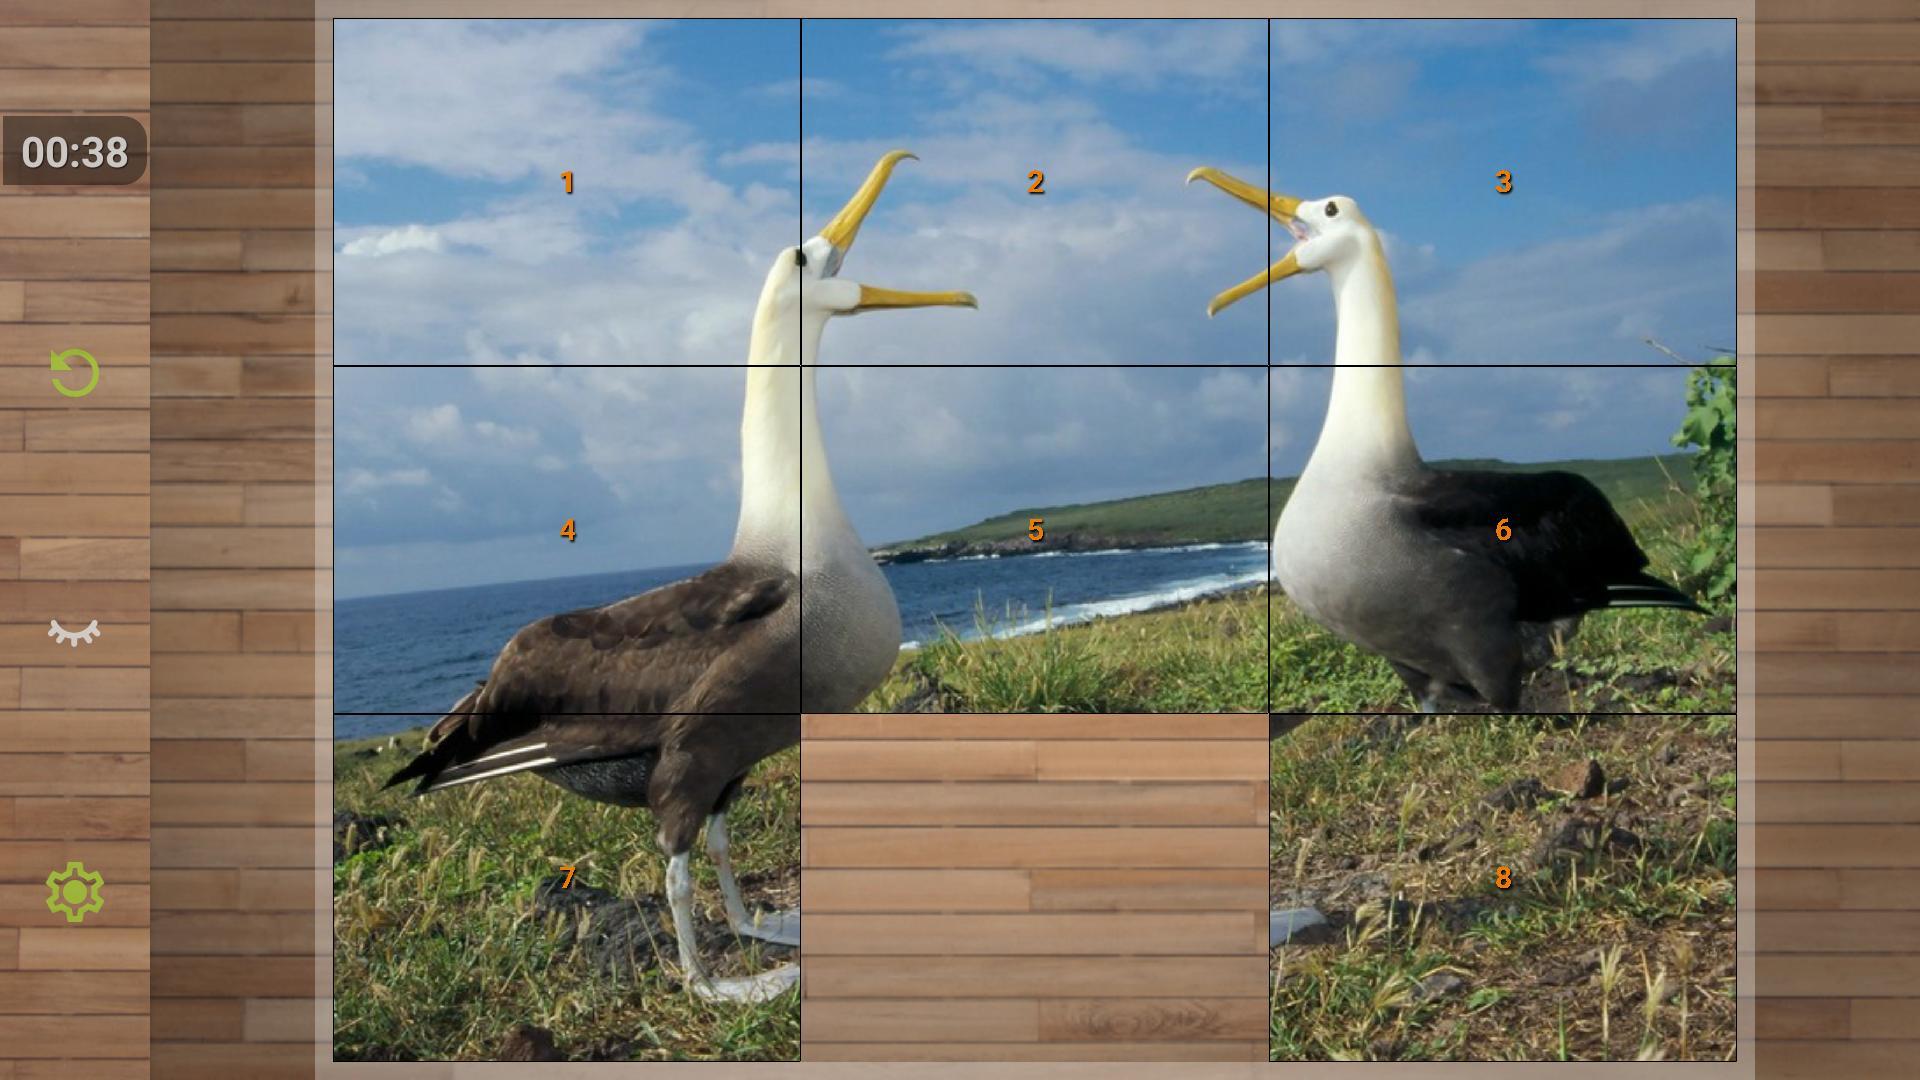 Jeux De Puzzle Oiseaux Gratuit Pour Android - Téléchargez L'apk avec Jeux De Oiseau Gratuit